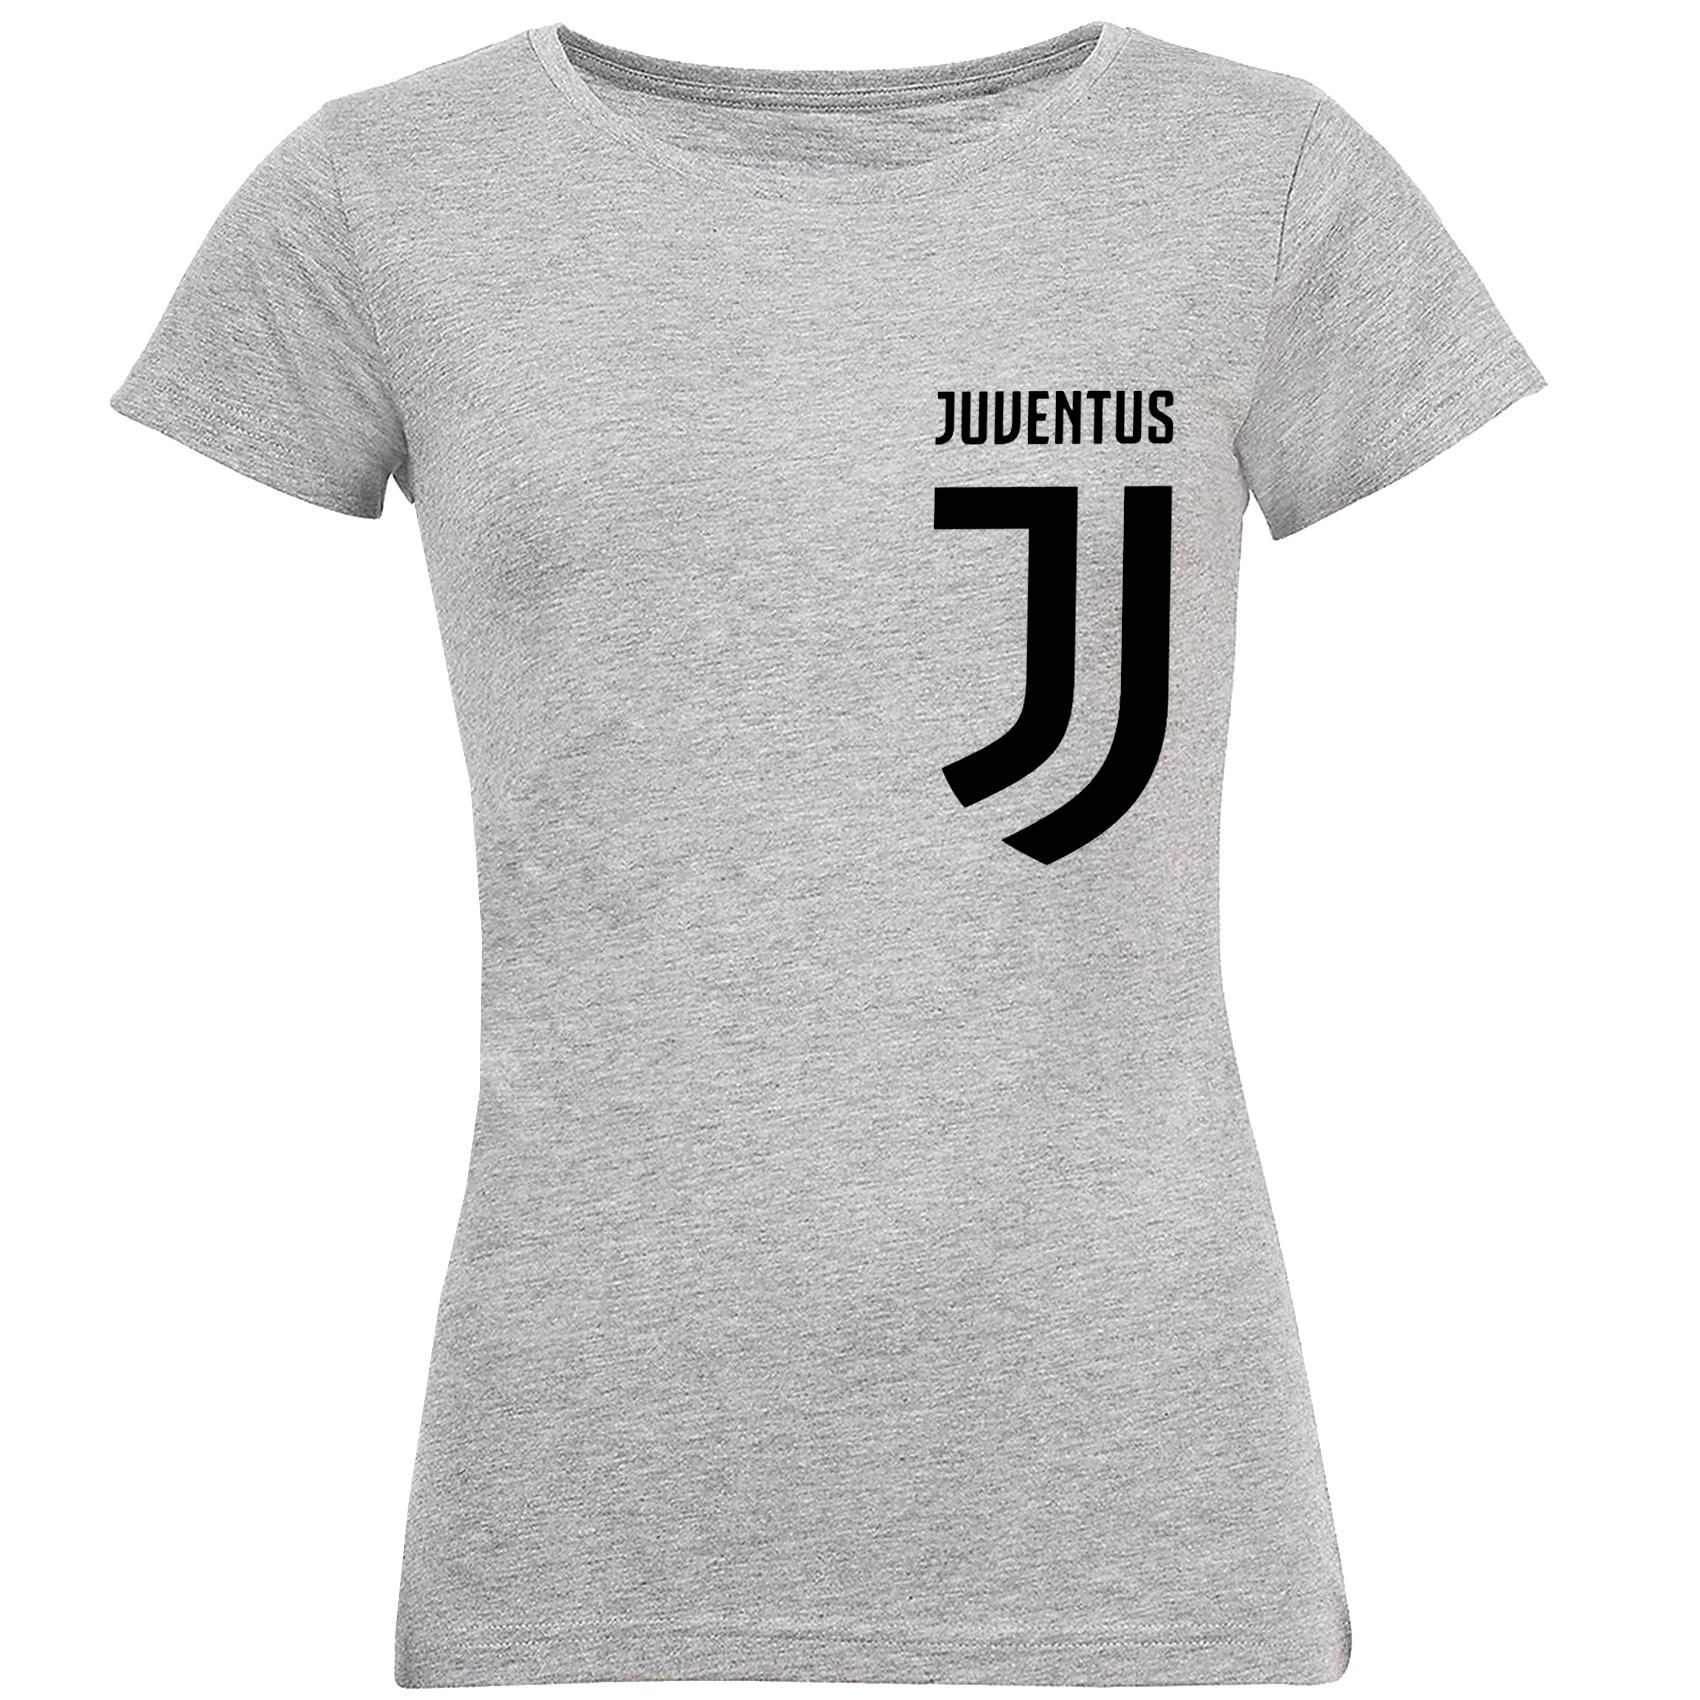 تصویر تی شرت آستین کوتاه زنانه طرح یوونتوس کد S235